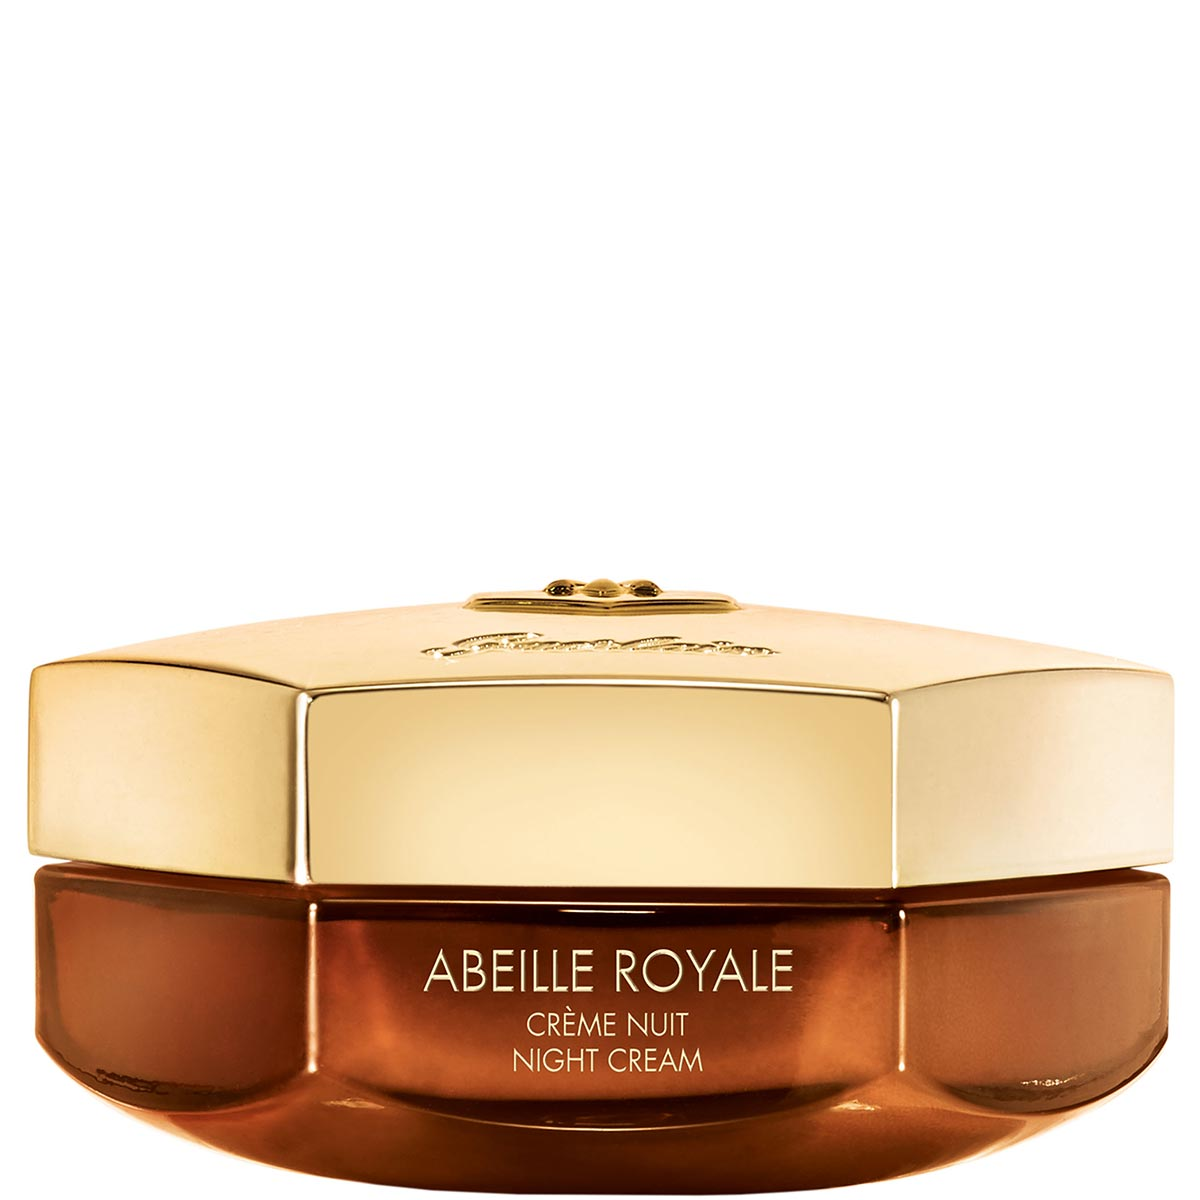 Crème Nuit Abeille Royale - GUERLAIN